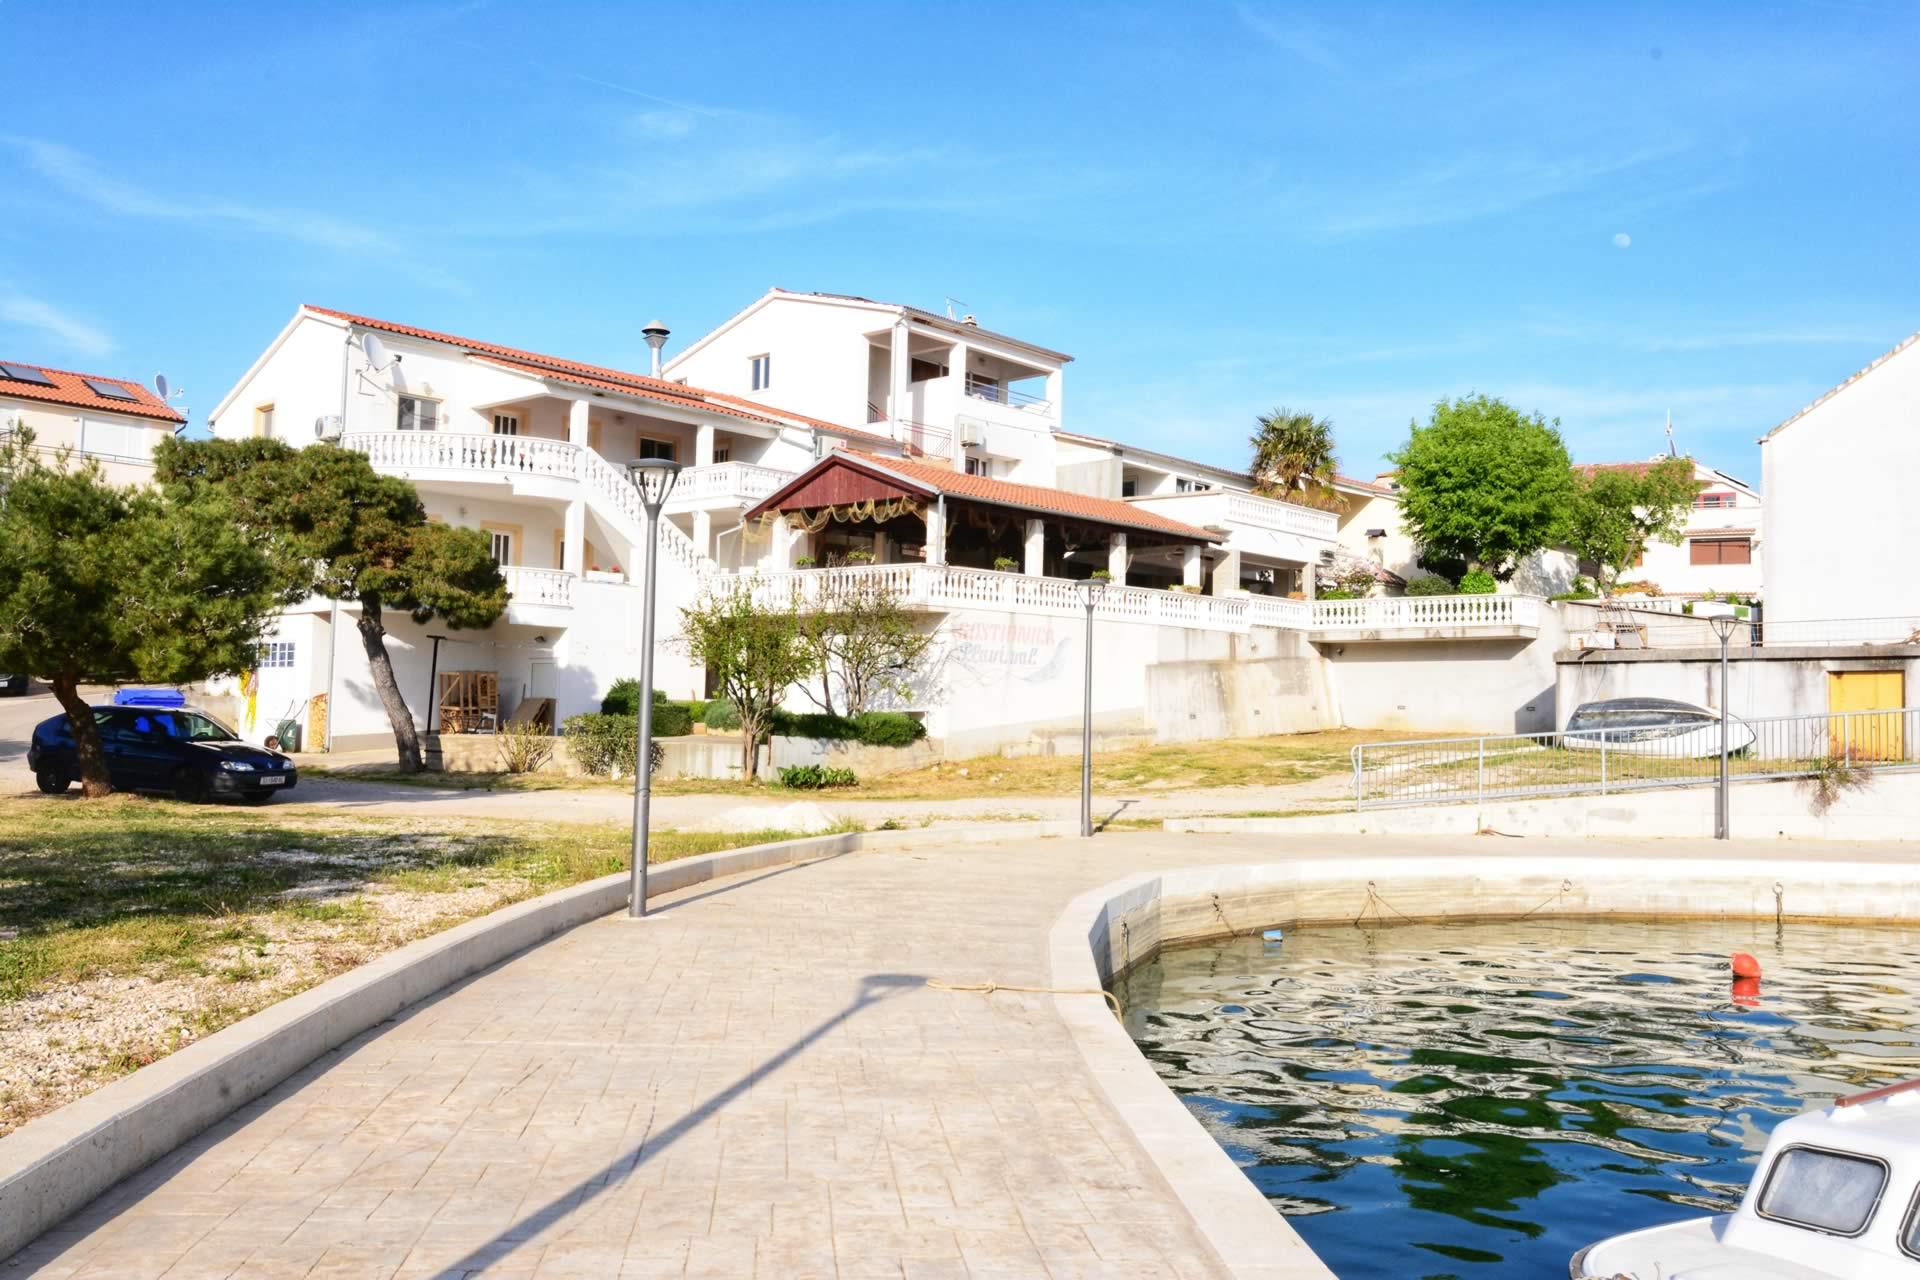 Apartments für Ihren Bootsurlaub mit Bootsanleger, Bootsliegeplatz.